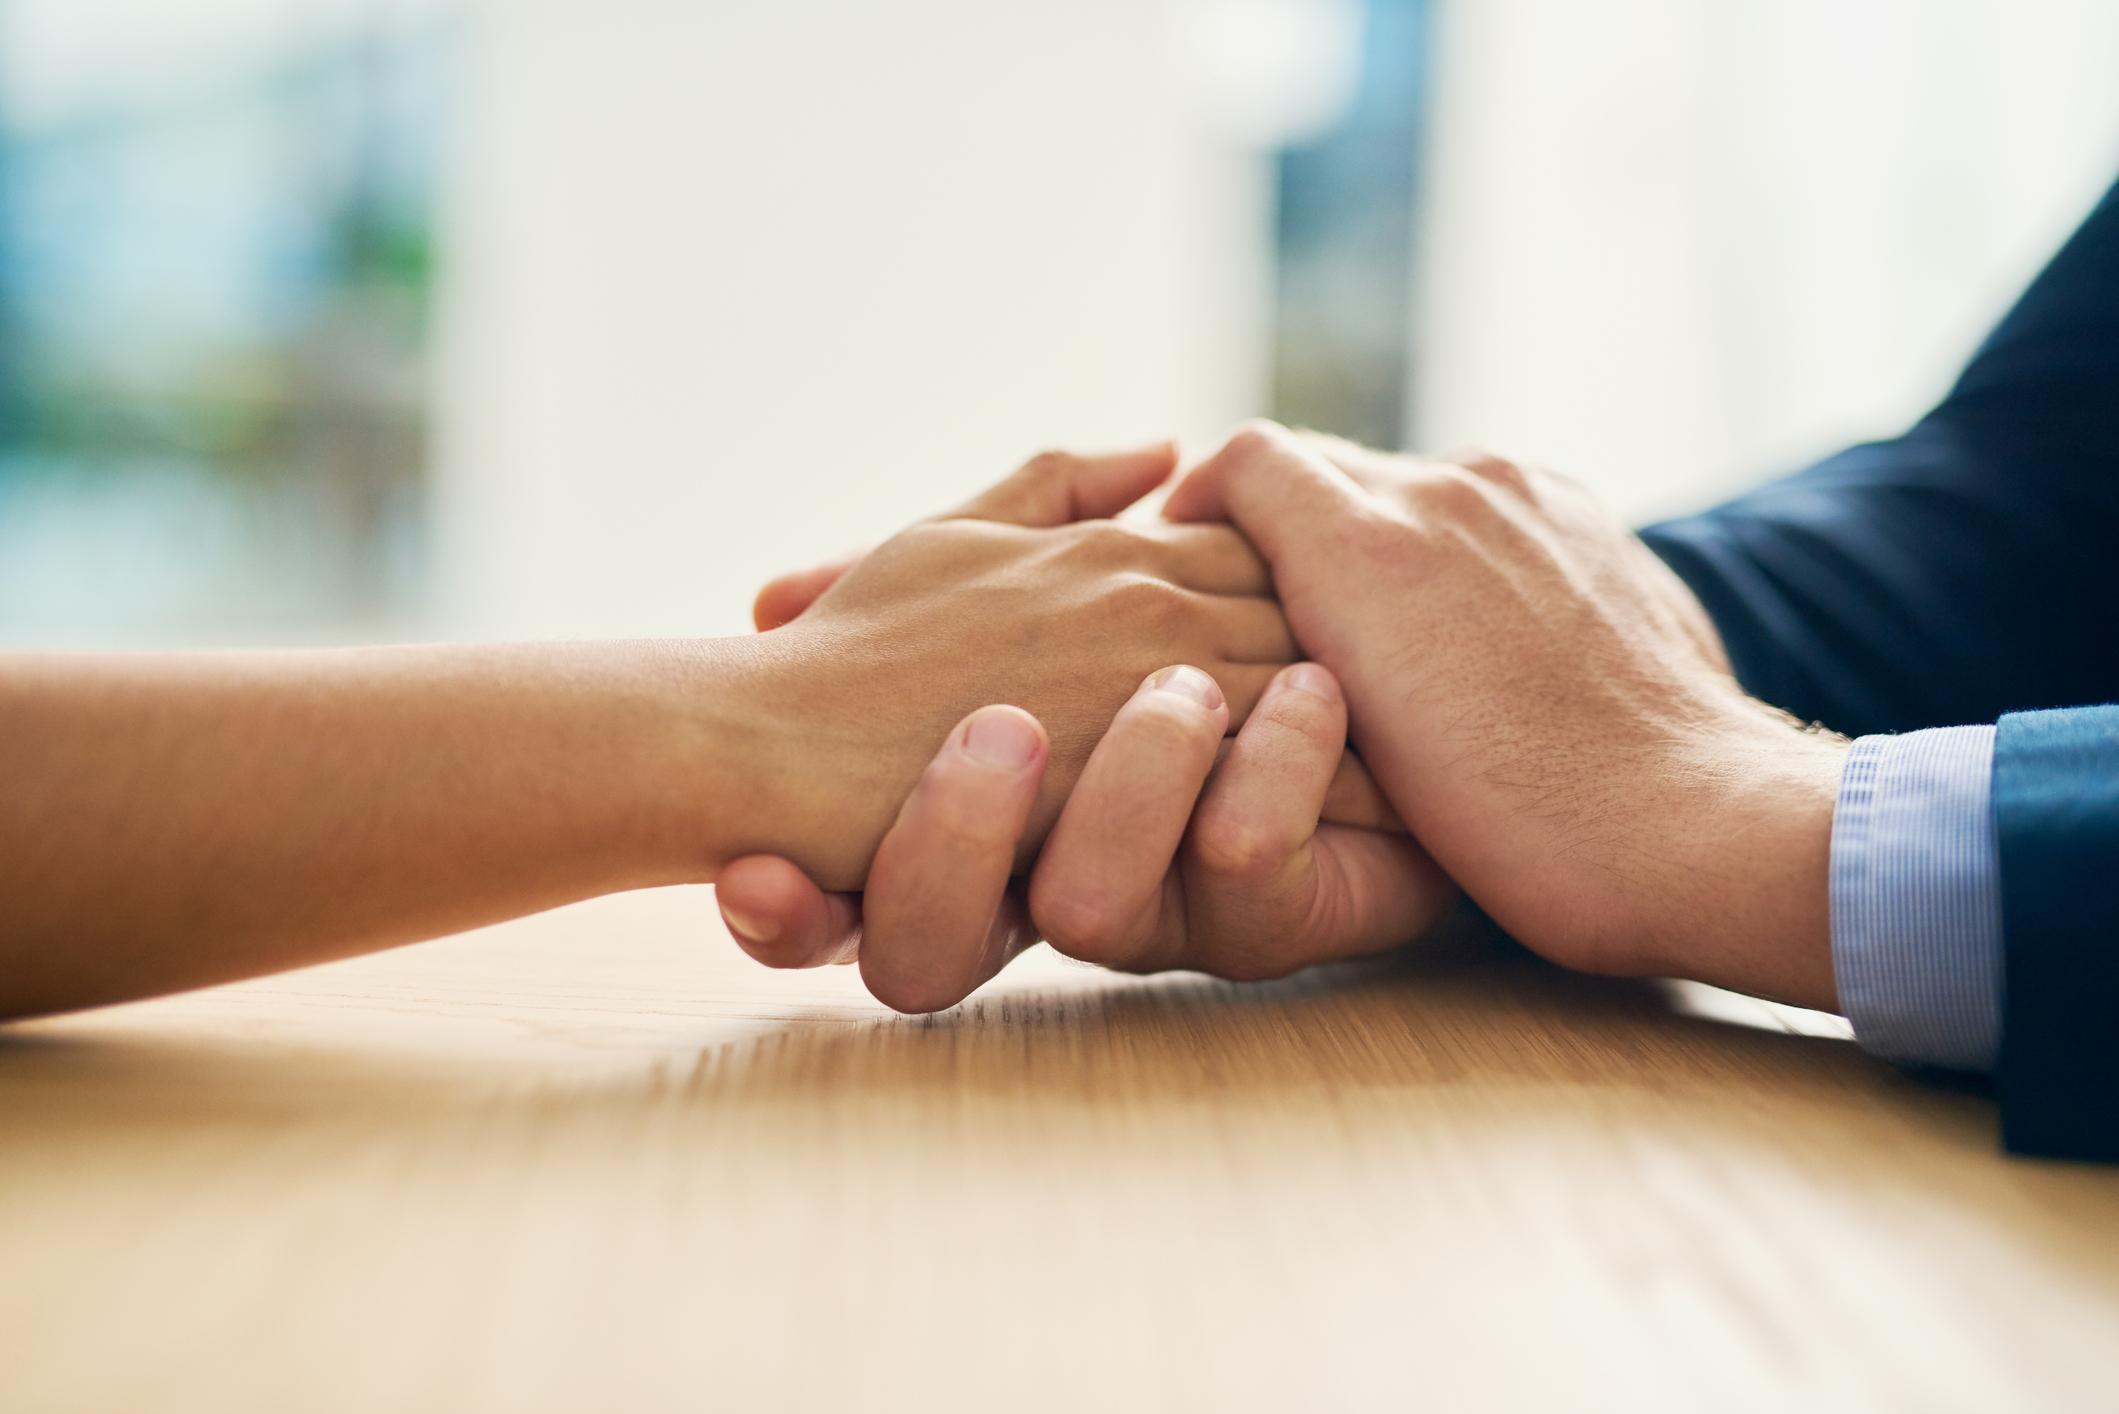 Sự đồng cảm, lòng trắc ẩn, tính cách, thái độ của con người liệu có thể